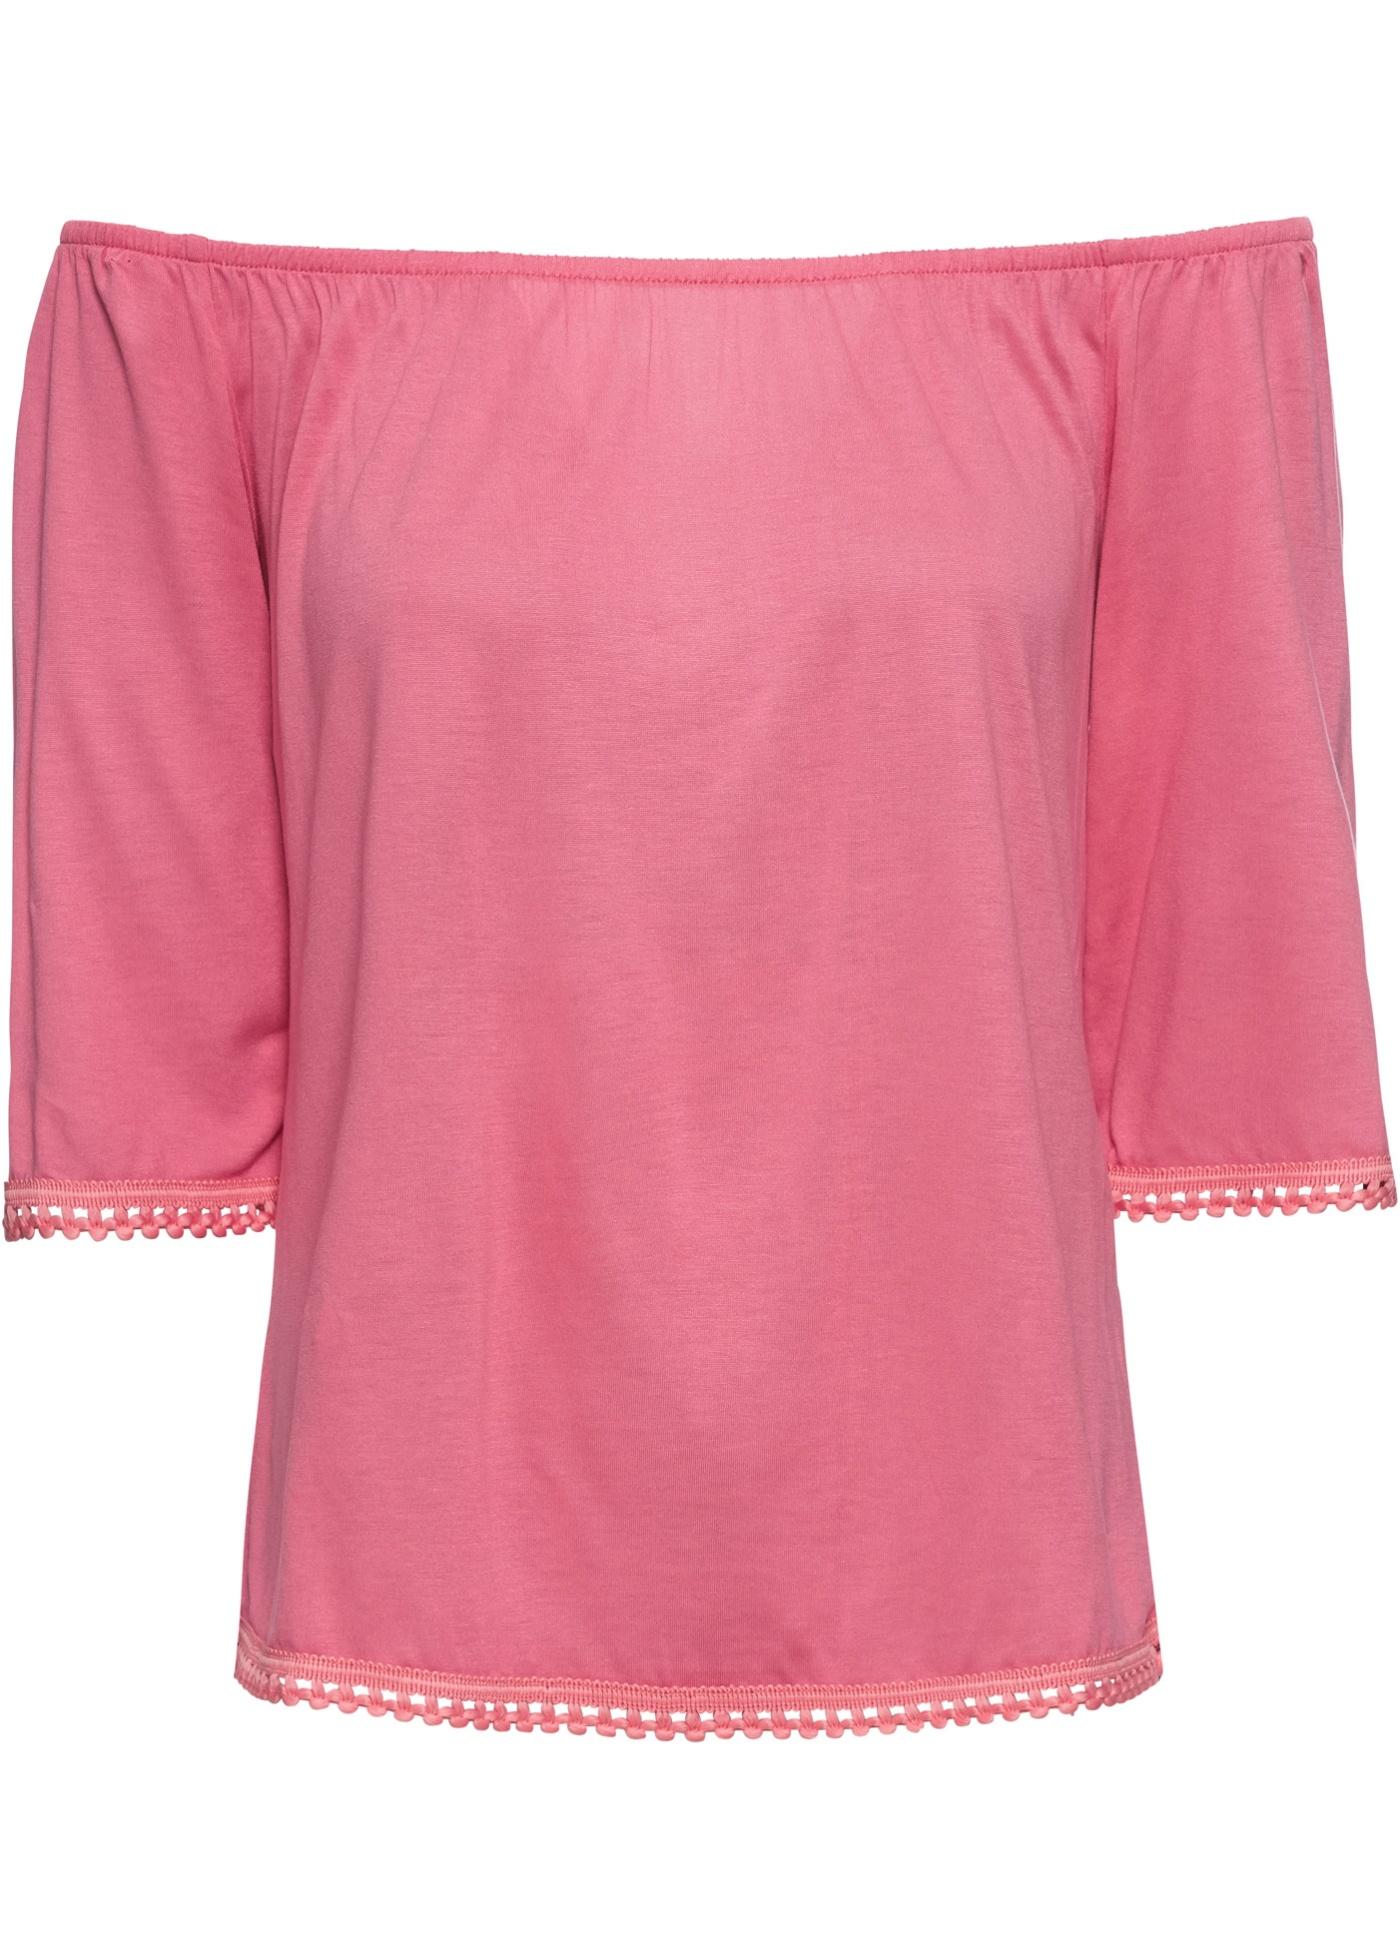 shirt Encolure Carmen Rainbow Rose BonprixT Mi À Manches longues Pour Femme Yb6f7gyv